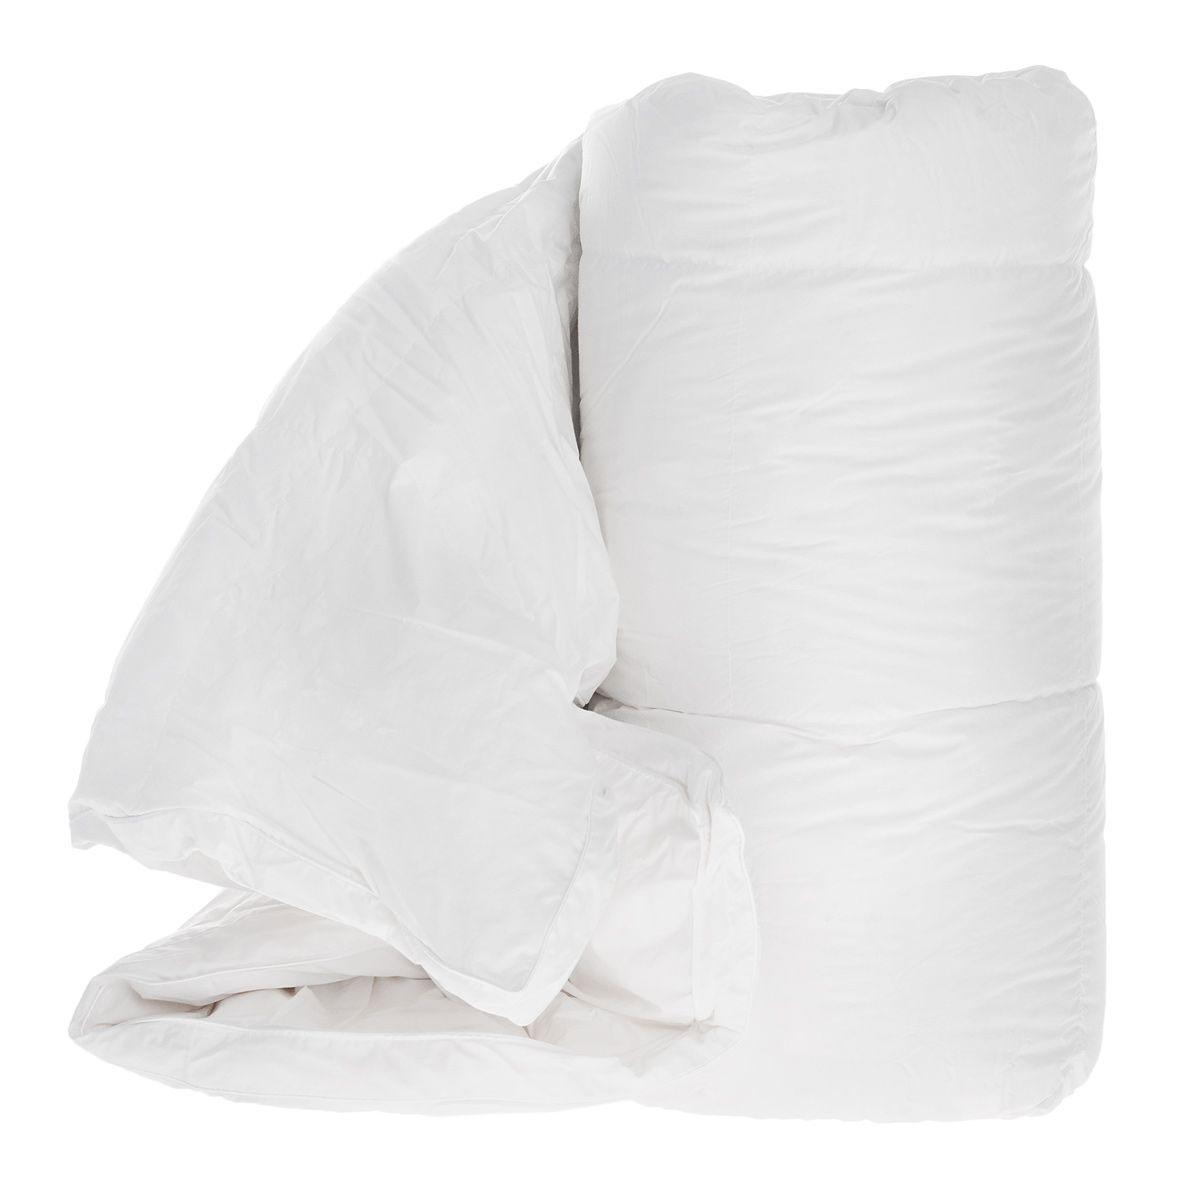 Одеяло TAC Shiny, наполнитель: гусинные пух и перья, 155 x 215 см9911-38844Одеяло TAC Shiny обеспечит вам здоровый сон и комфорт. Чехол выполнен из 100% натурального хлопка и оформлен фигурной стежкой. В качестве наполнителя используется 95% специальный гусиный пух. Наполнитель равномерно распределен внутри чехла. Край одеяла декорирован узором из страз. Гусиный пух сохраняет температуру в 2,5 раза лучше, чем другие наполнители. Специальная обработка пуха препятствует появлению бактерий в одеяле. Ваше одеяло прослужит долго, а его изысканный внешний вид будет годами дарить вам уют. Одеяло упаковано в сумку-чехол, закрывающуюся на застежку-молнию.